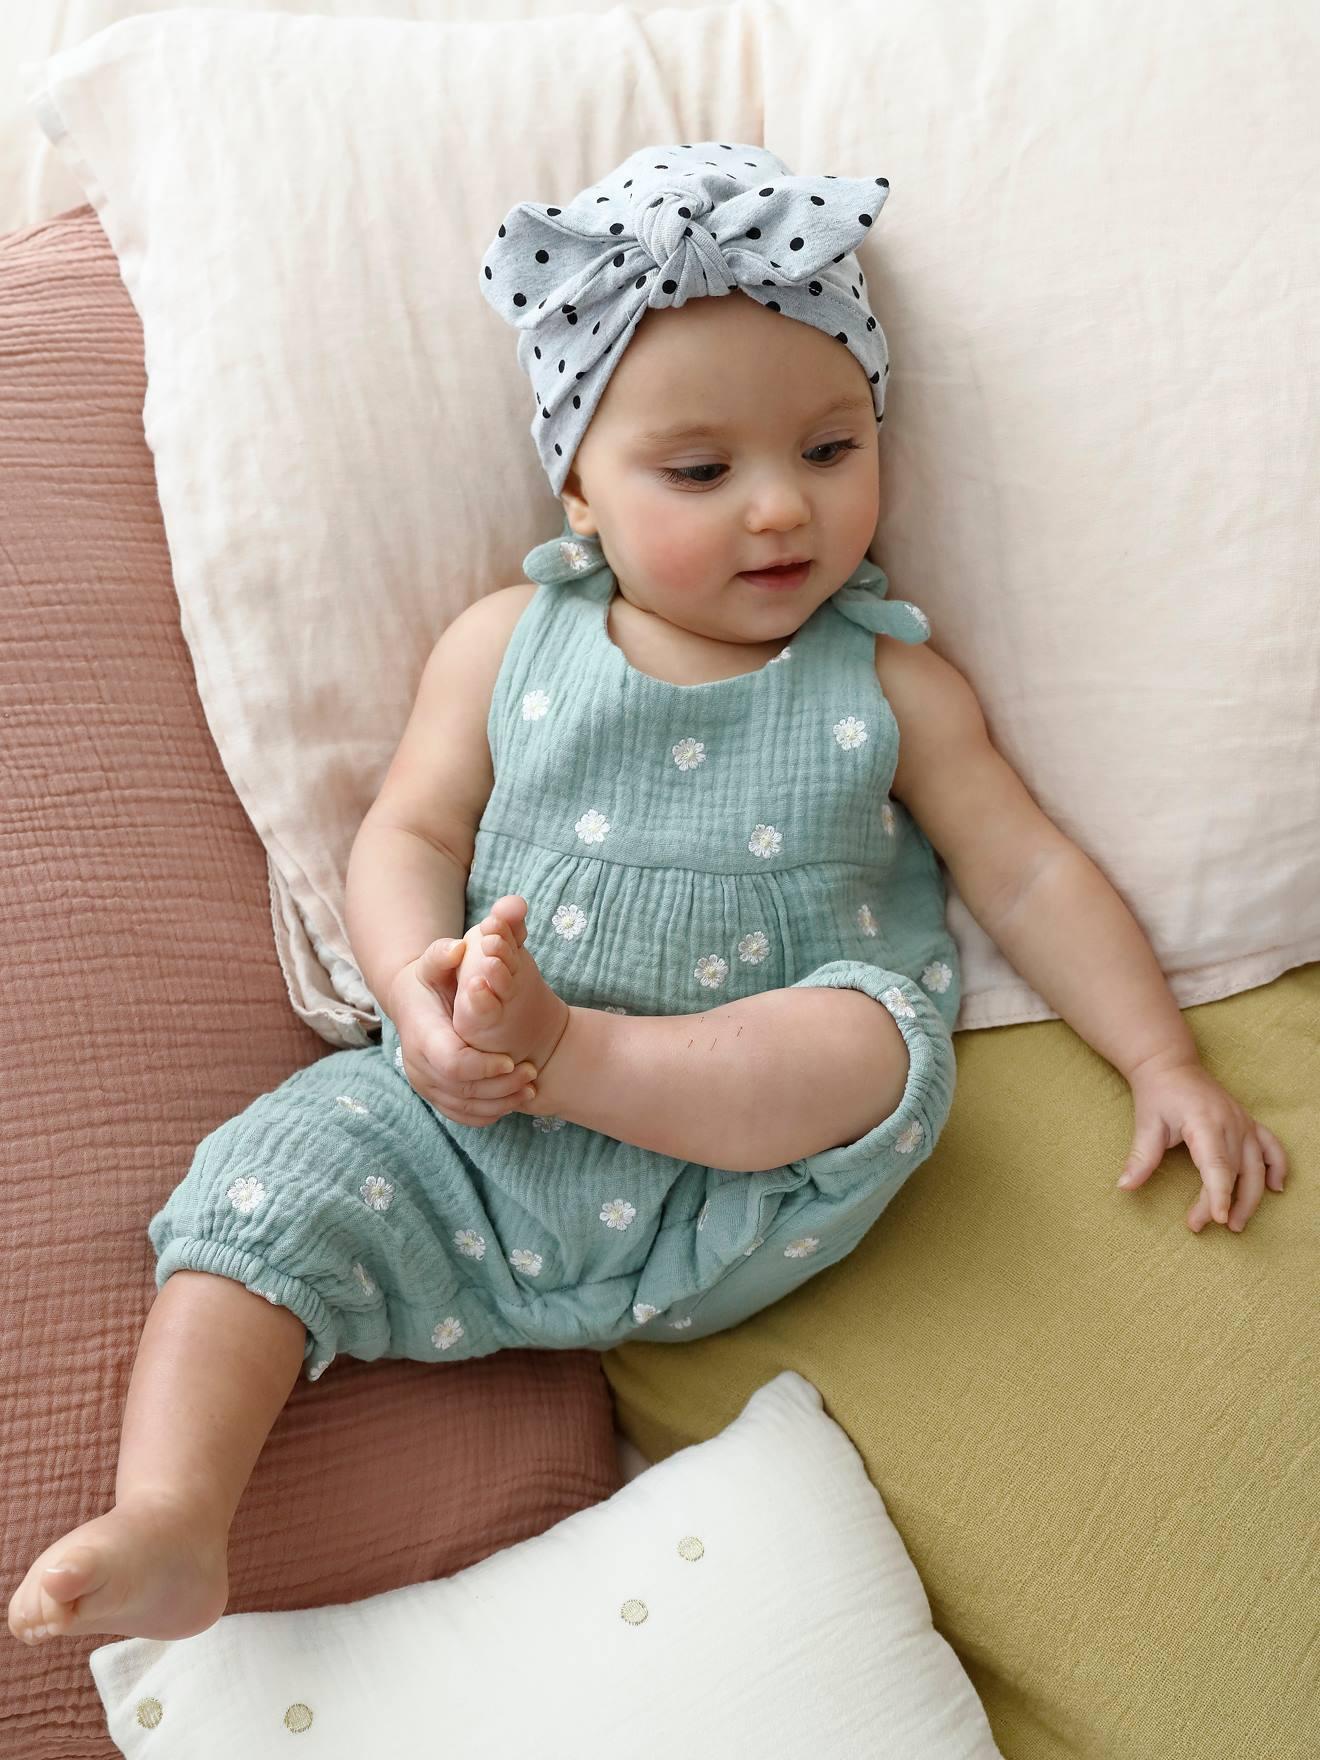 Macacão recém nascido, bordado em gaze de algodão Bebé 0 36 meses Vertbaudet | vertbaudet.pt